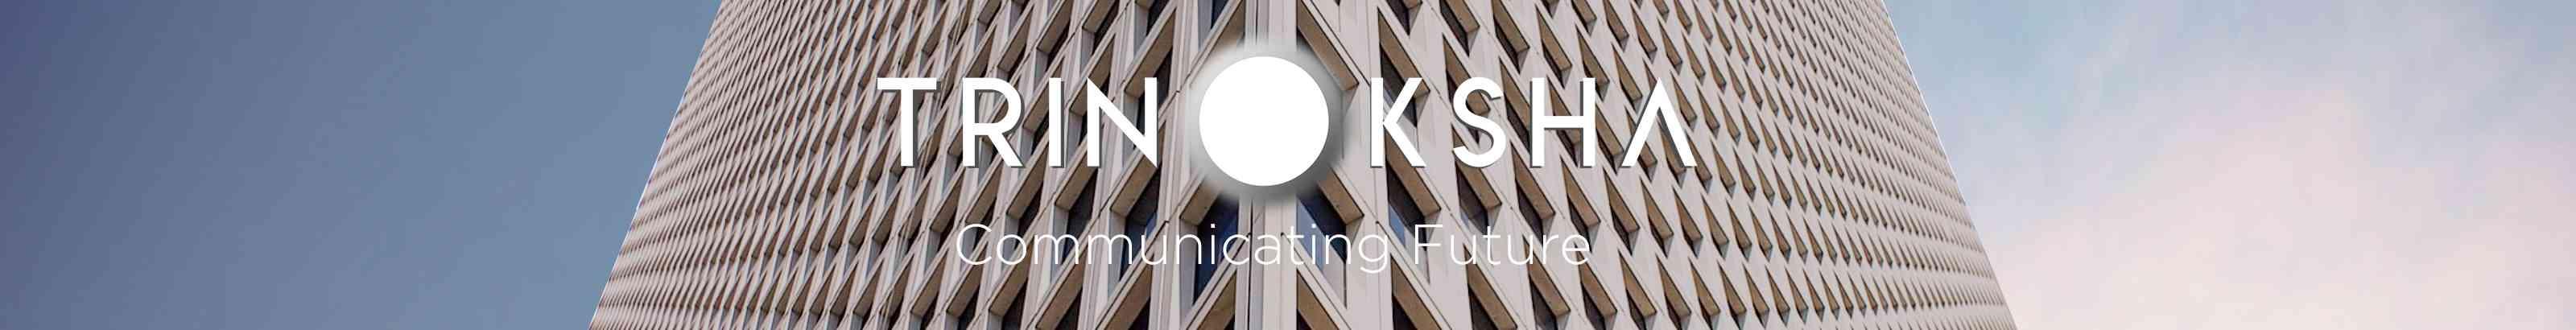 Trinoksha | Dhaka Bangladesh | 360 3D VR tours